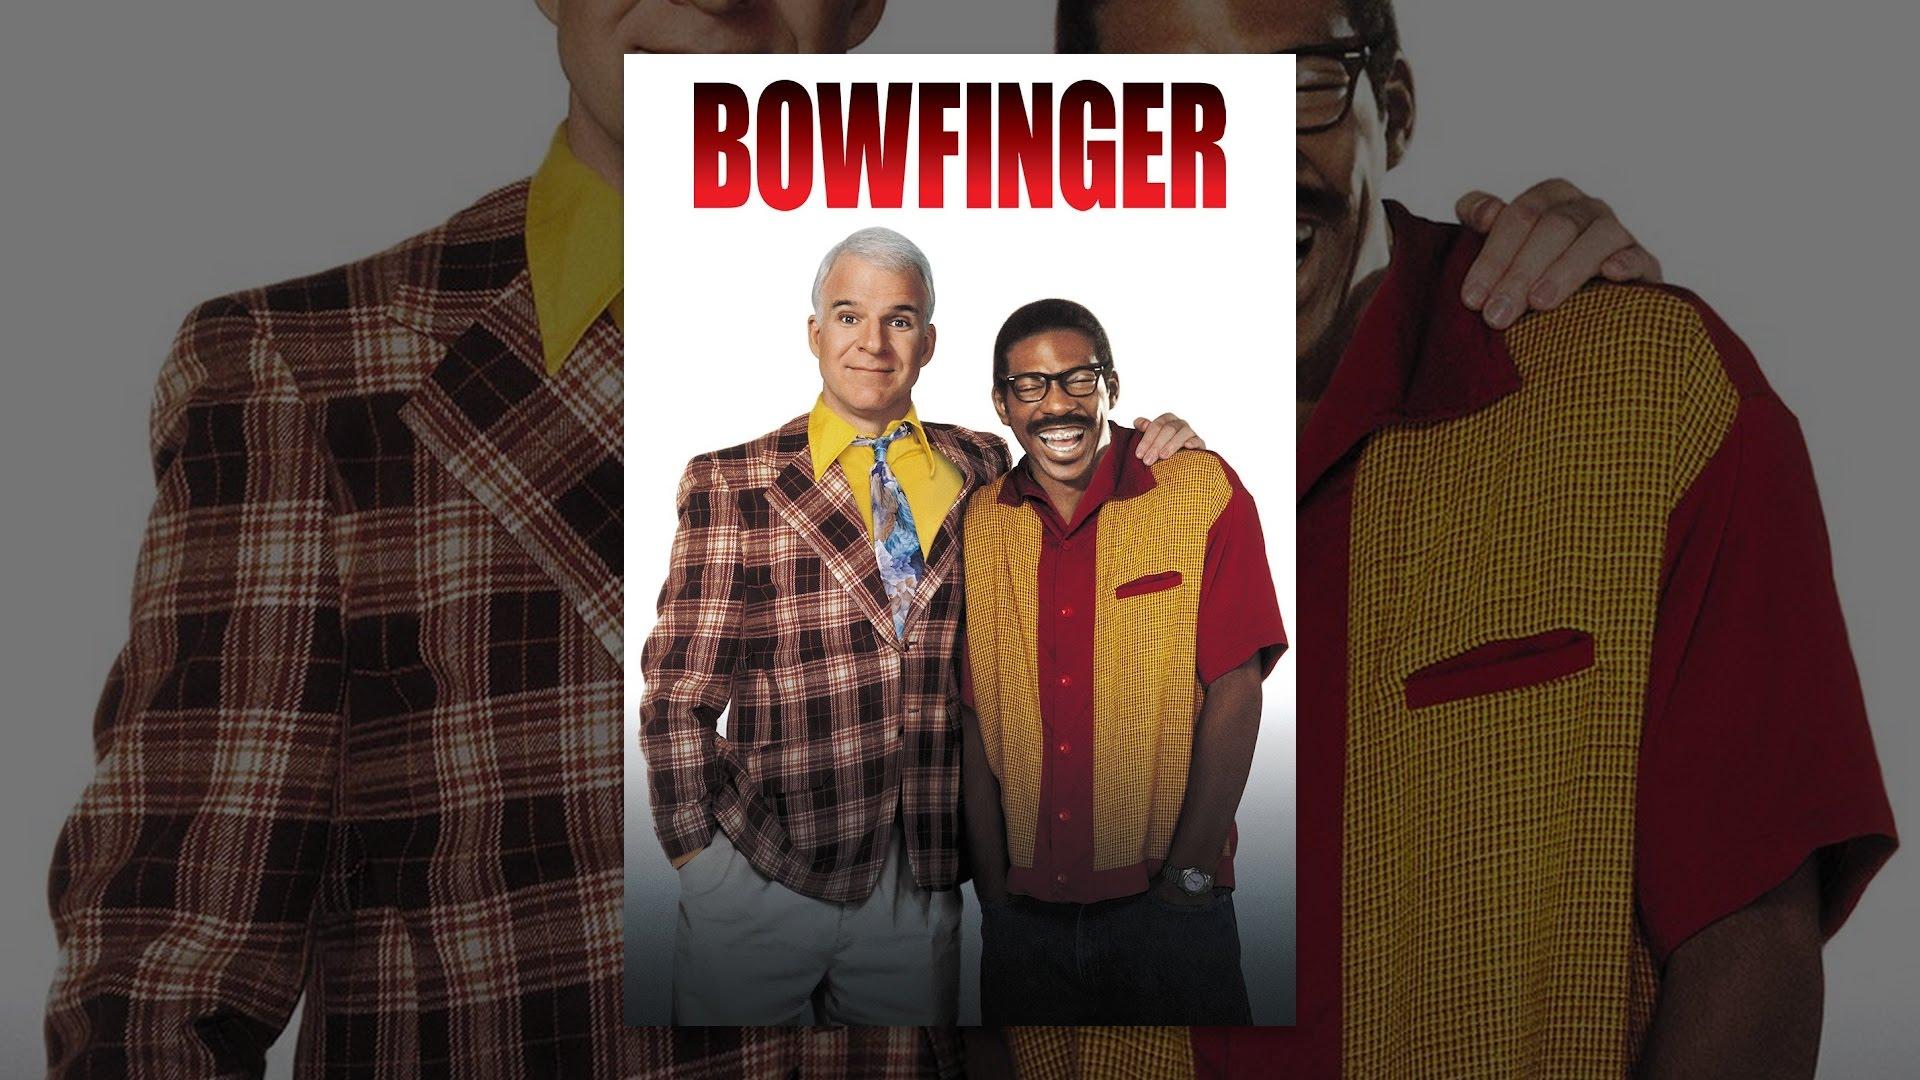 Download Bowfinger